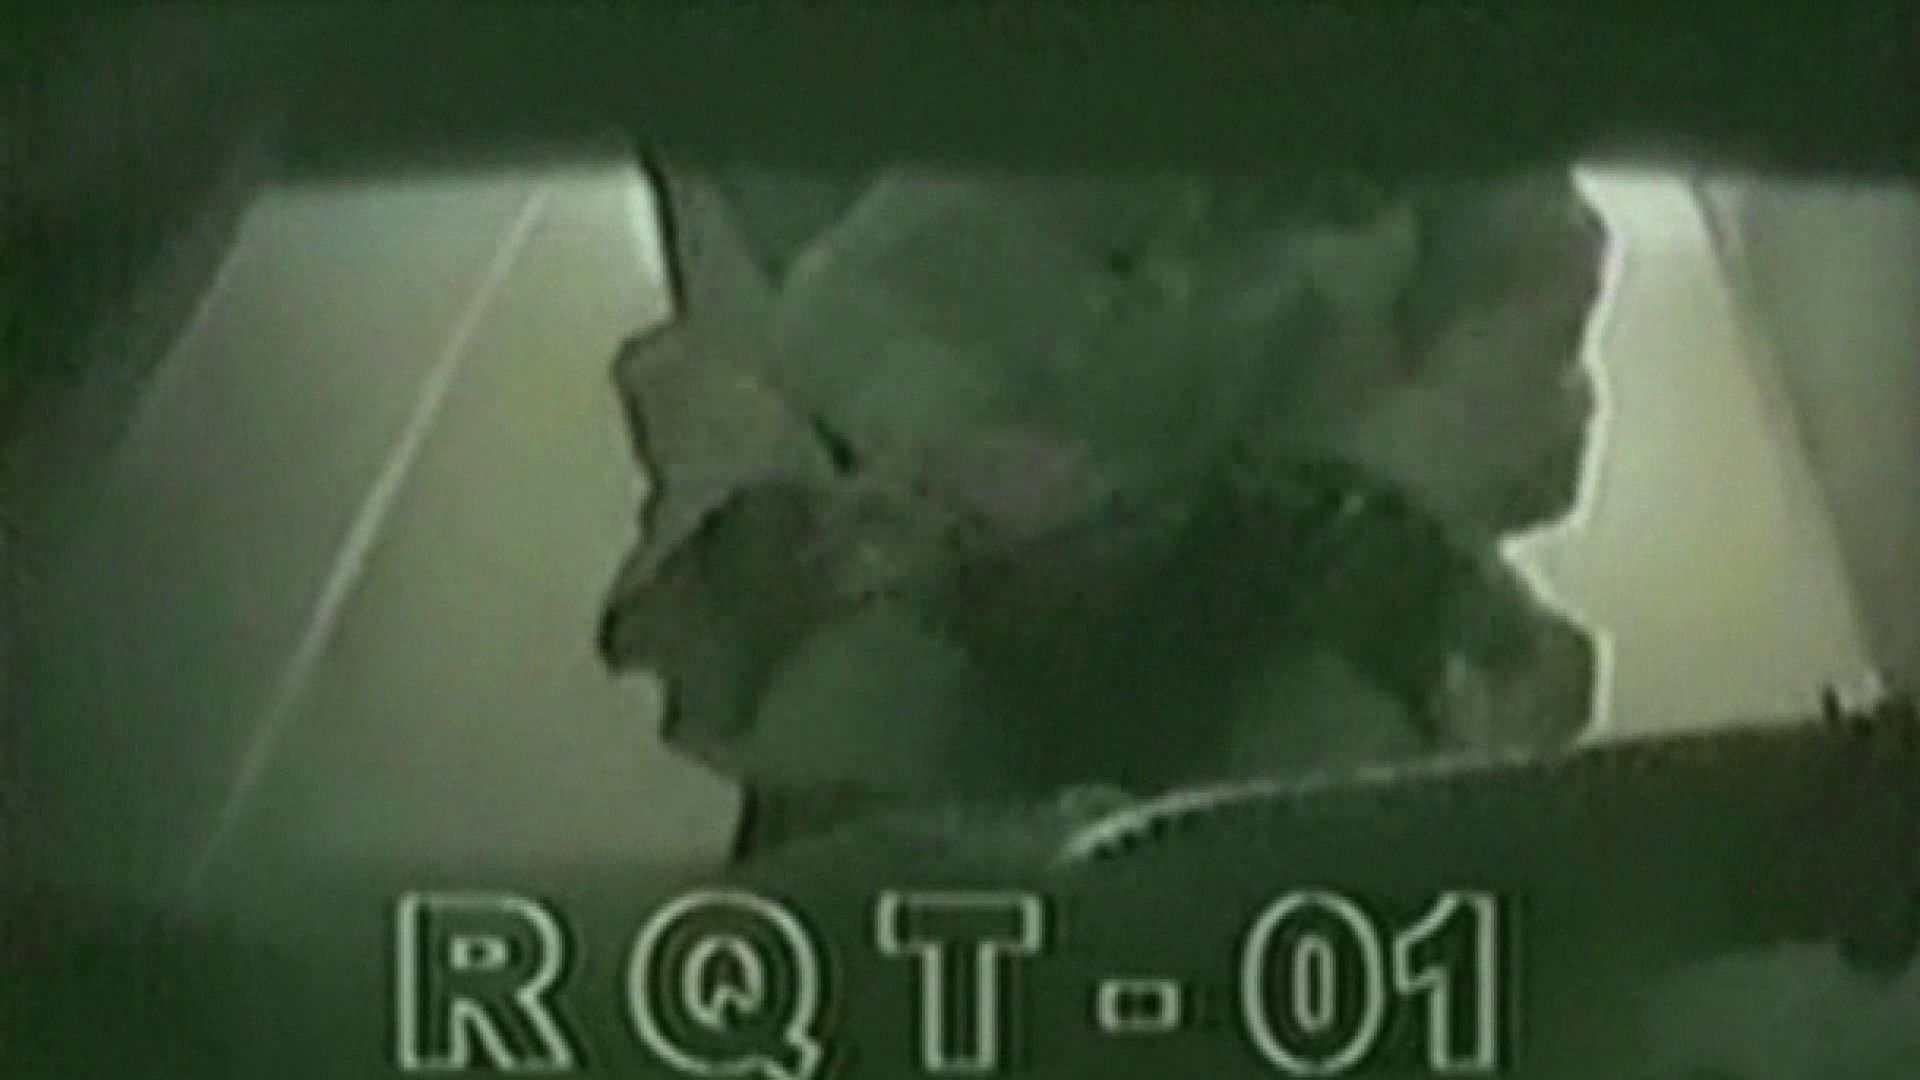 お姉さんの恥便所盗撮! Vol.2 盗撮 ワレメ動画紹介 89PICs 88